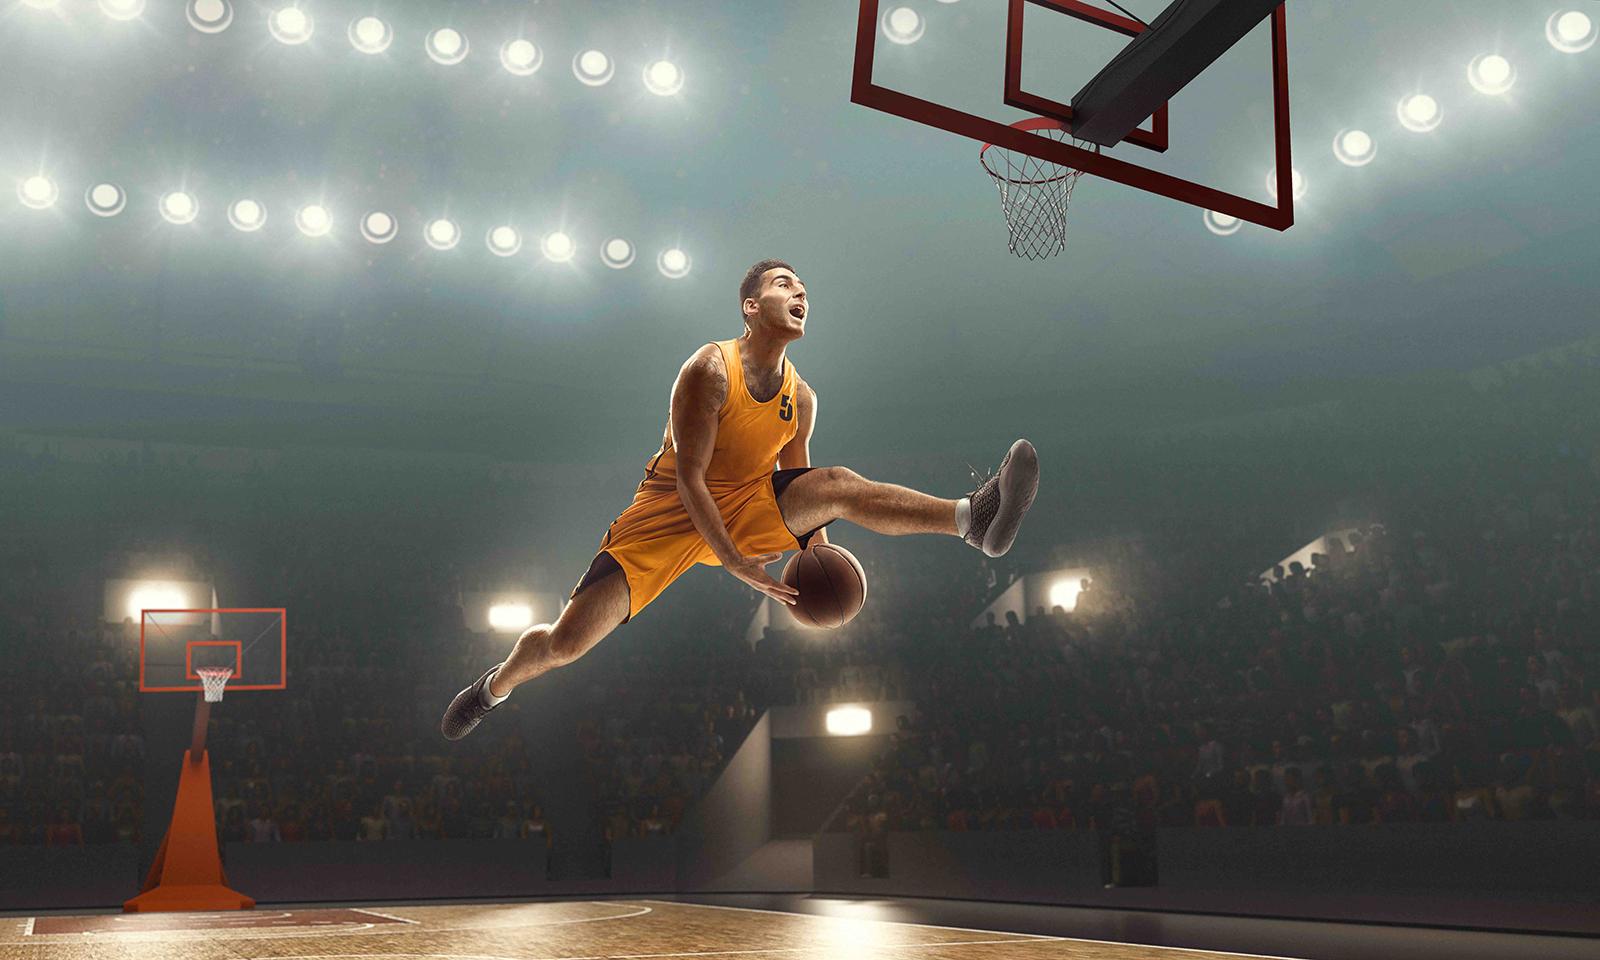 Ставки и прогнозы на баскетбол - Ставки на спорт